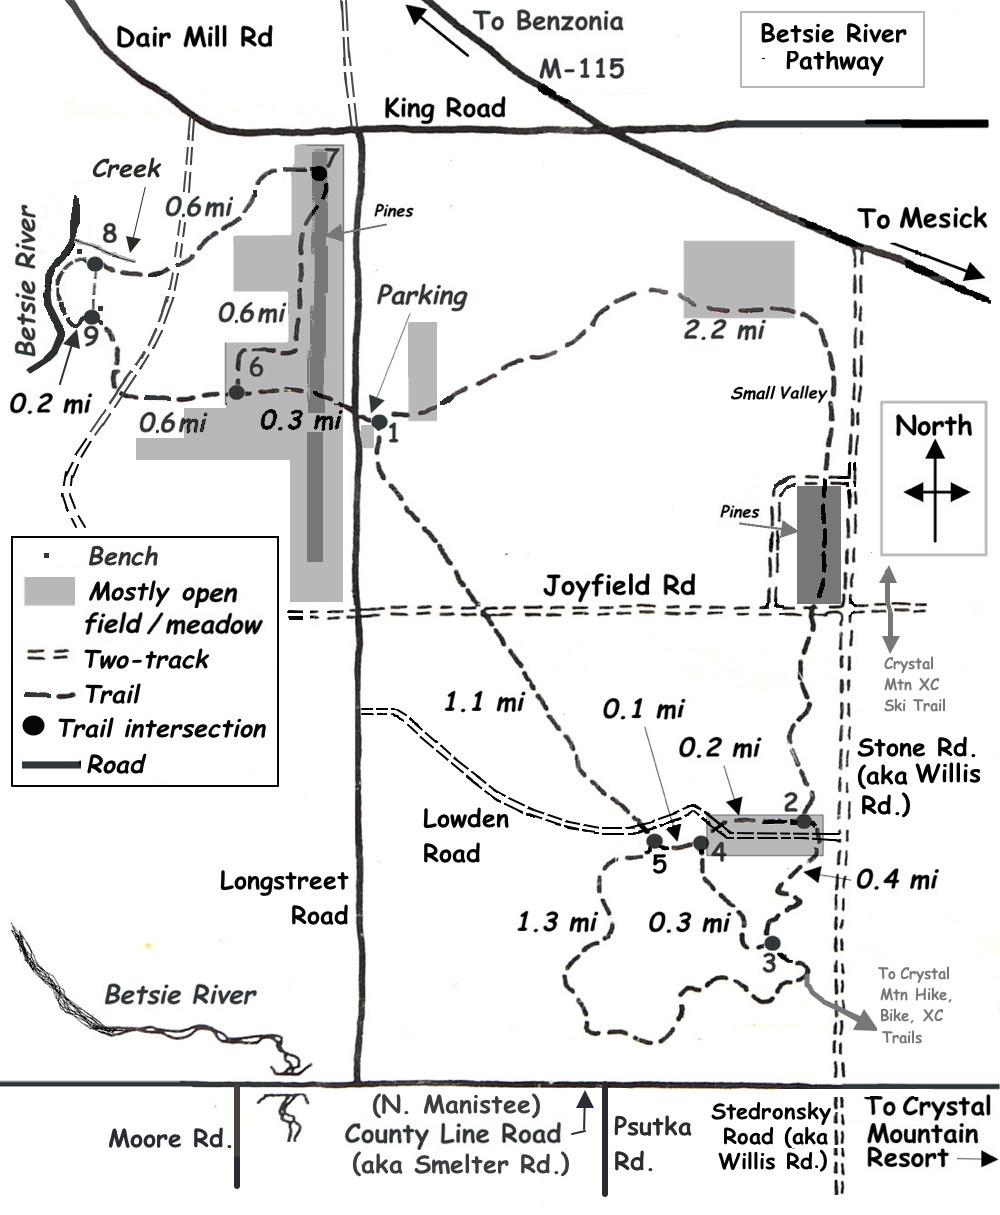 Betsie River Pathway : Up North Trails